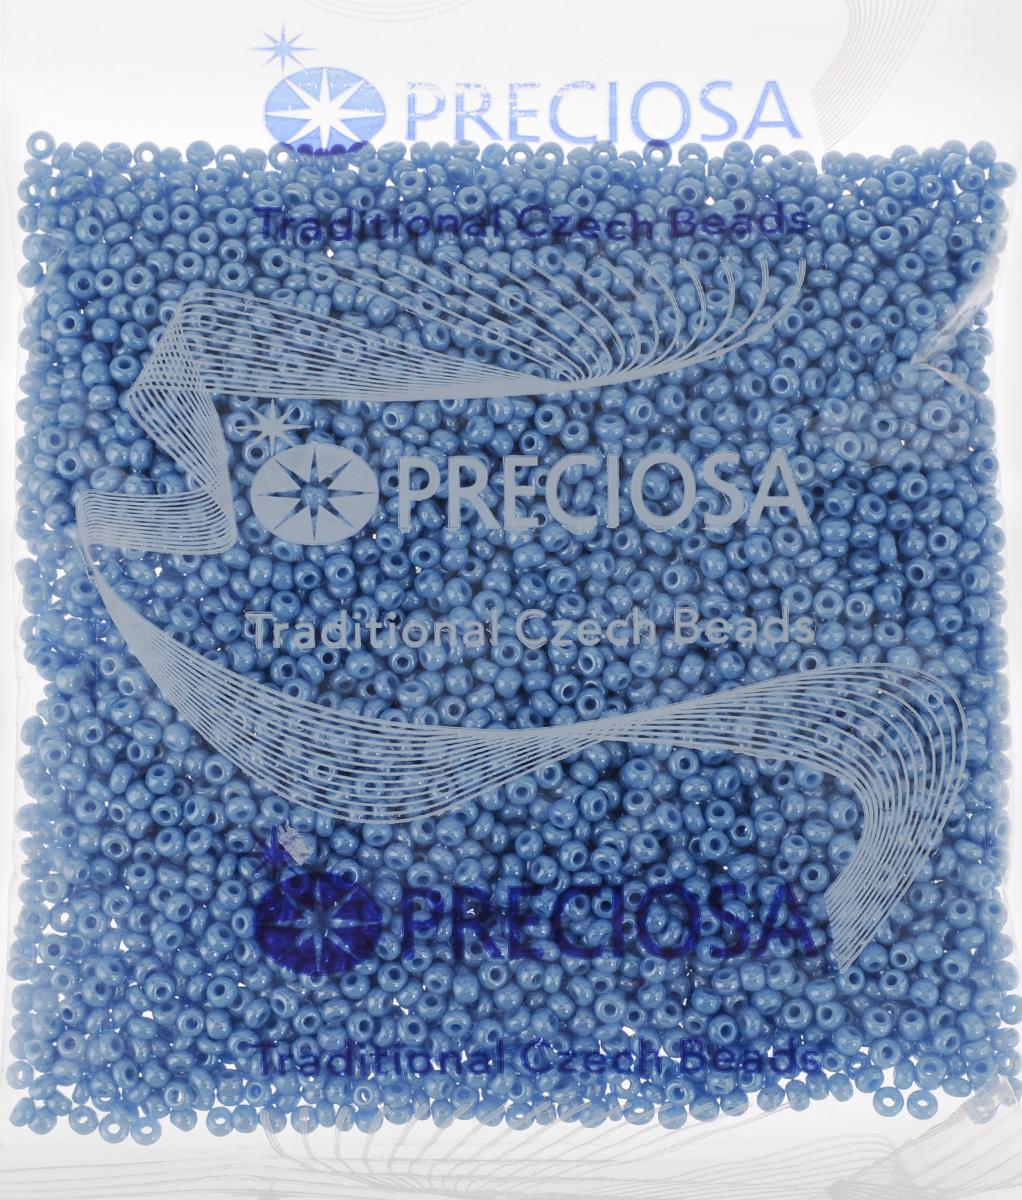 Бисер Preciosa Ассорти, непрозрачный, глянцевый, цвет: ярко-голубой (04), 10/0, 50 г163142_04Бисер Preciosa Ассорти, изготовленный из стекла круглой формы, позволит вам своими руками создать оригинальные ожерелья, бусы или браслеты, а также заняться вышиванием. В бисероплетении часто используют бисер разных размеров и цветов. Он идеально подойдет для вышивания на предметах быта и женской одежде. Изготовление украшений - занимательное хобби и реализация творческих способностей рукодельницы, это возможность создания неповторимого индивидуального подарка.